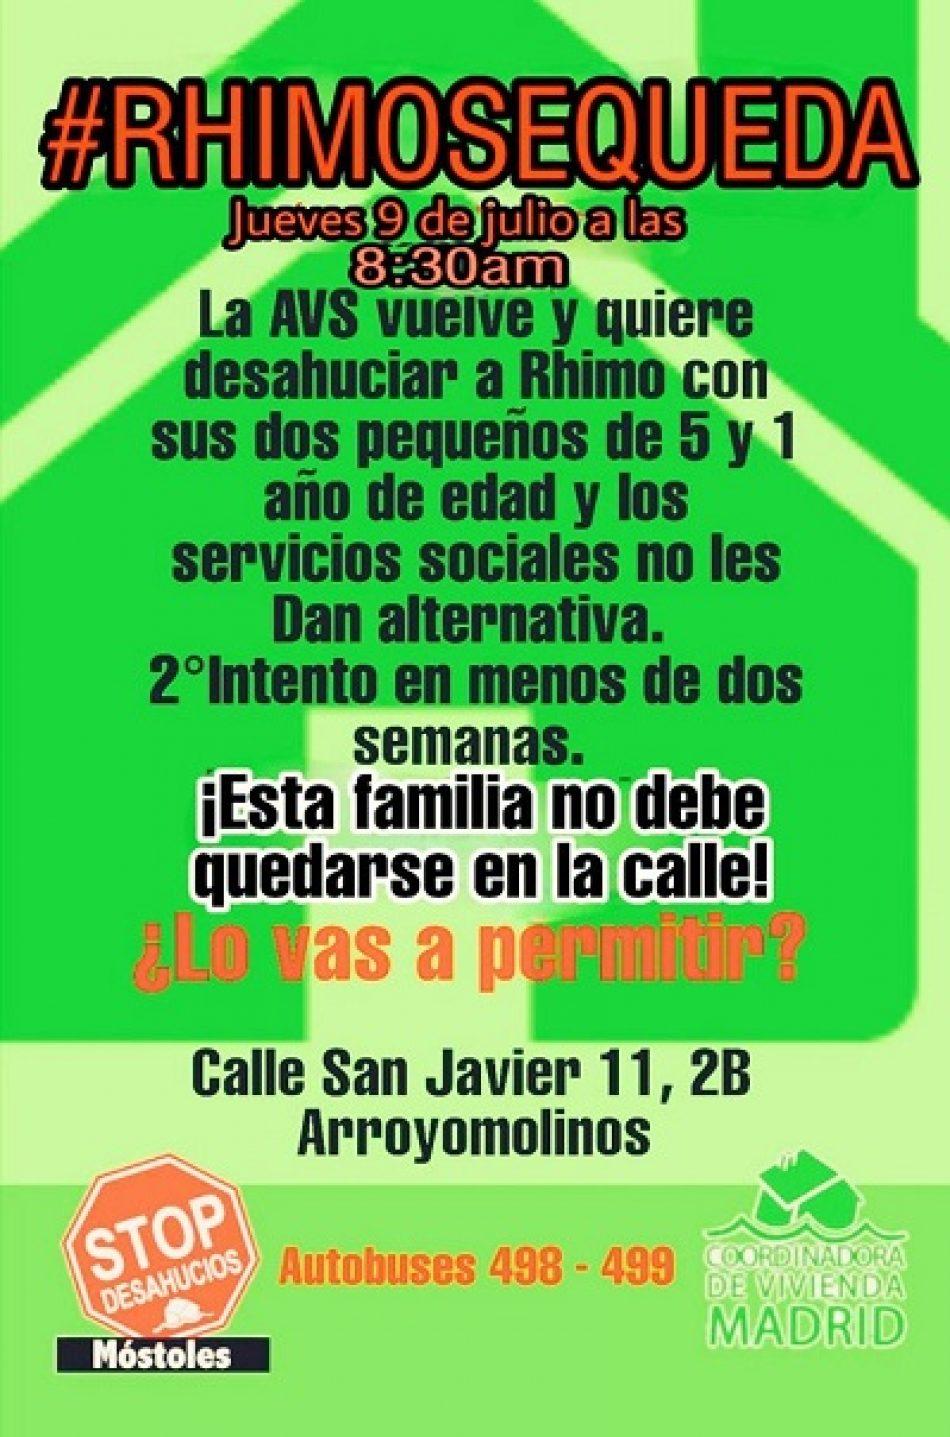 La agencia de vivienda social de la CAM y el Ayuntamiento de Arroyomolinos dejan en situación de desamparo a una familia con dos menores